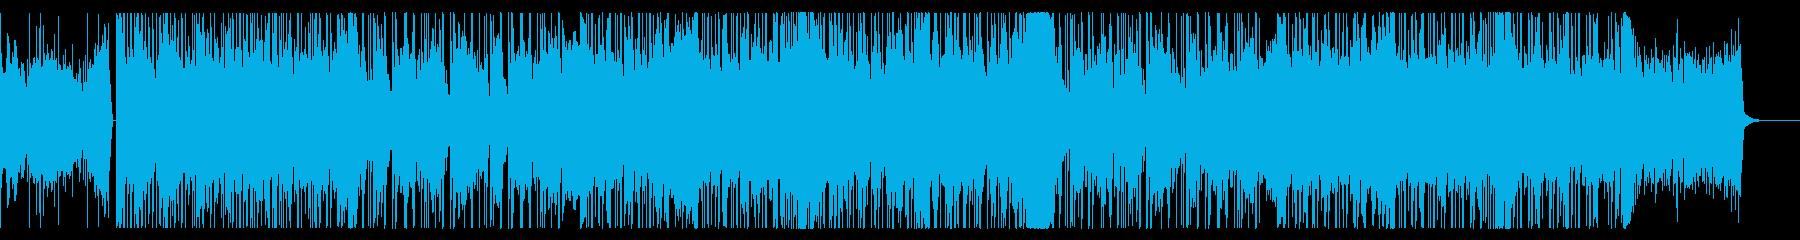 切ない冬の青空をイメージする曲の再生済みの波形